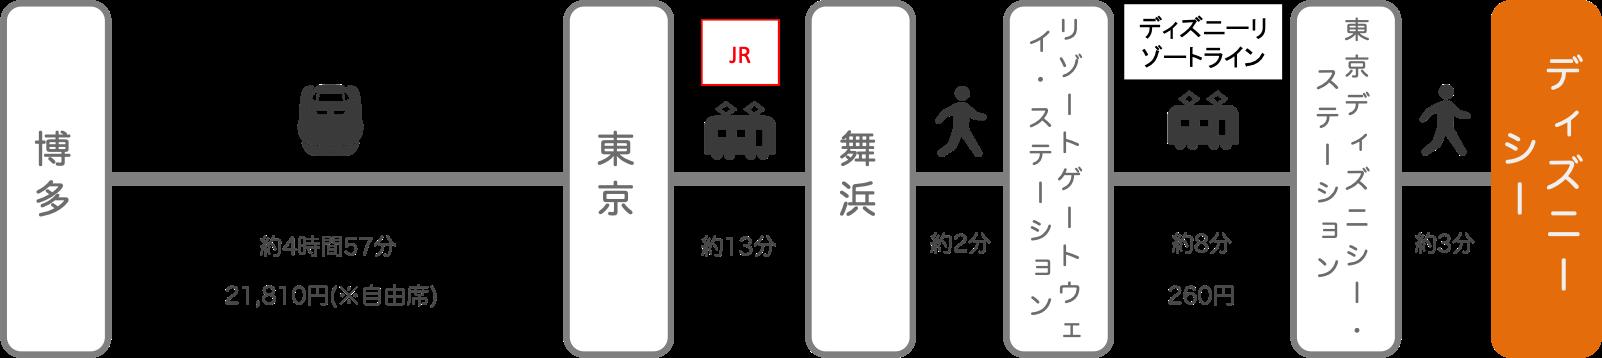 ディズニーシー_博多(福岡)_新幹線